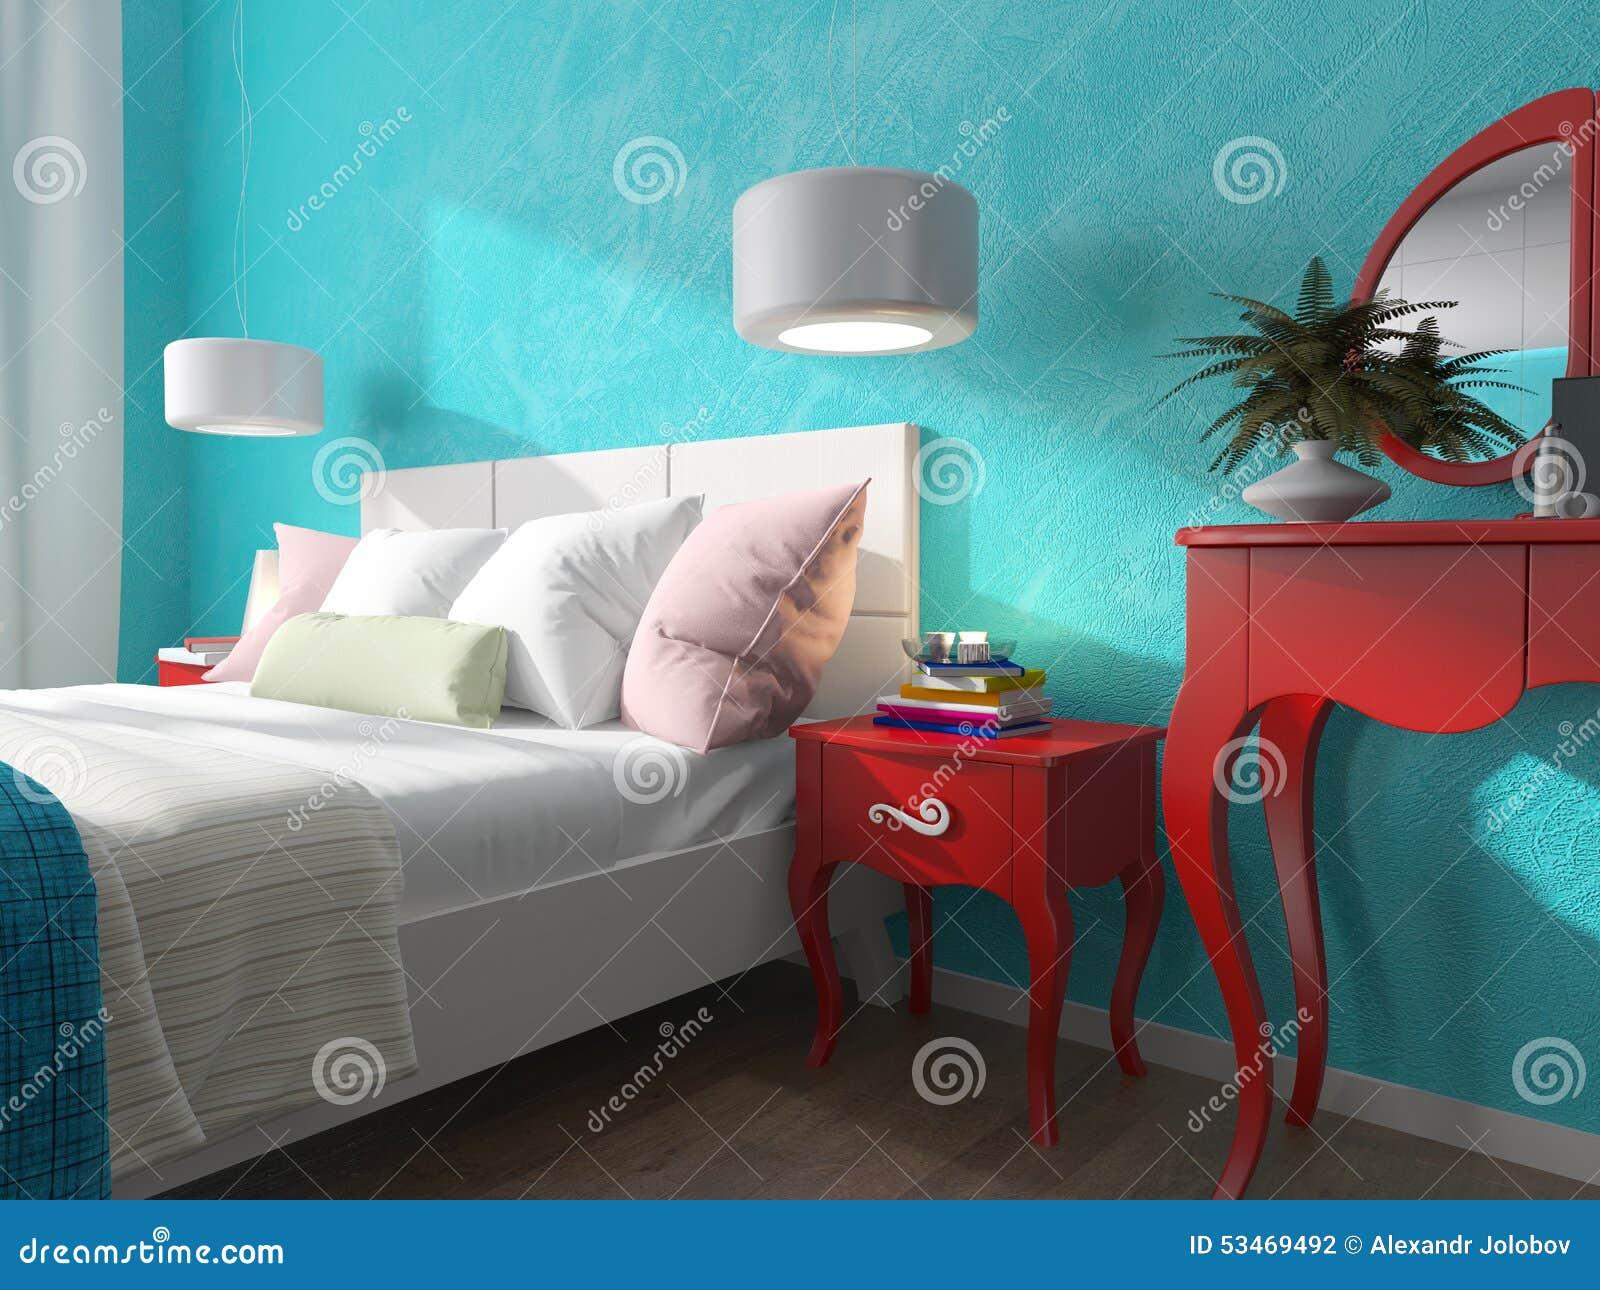 Papel De Parede Para Quarto Azul Turquesa Redival Com ~ Escritorio No Quarto De Casal E Quarto Casal Azul Tiffany